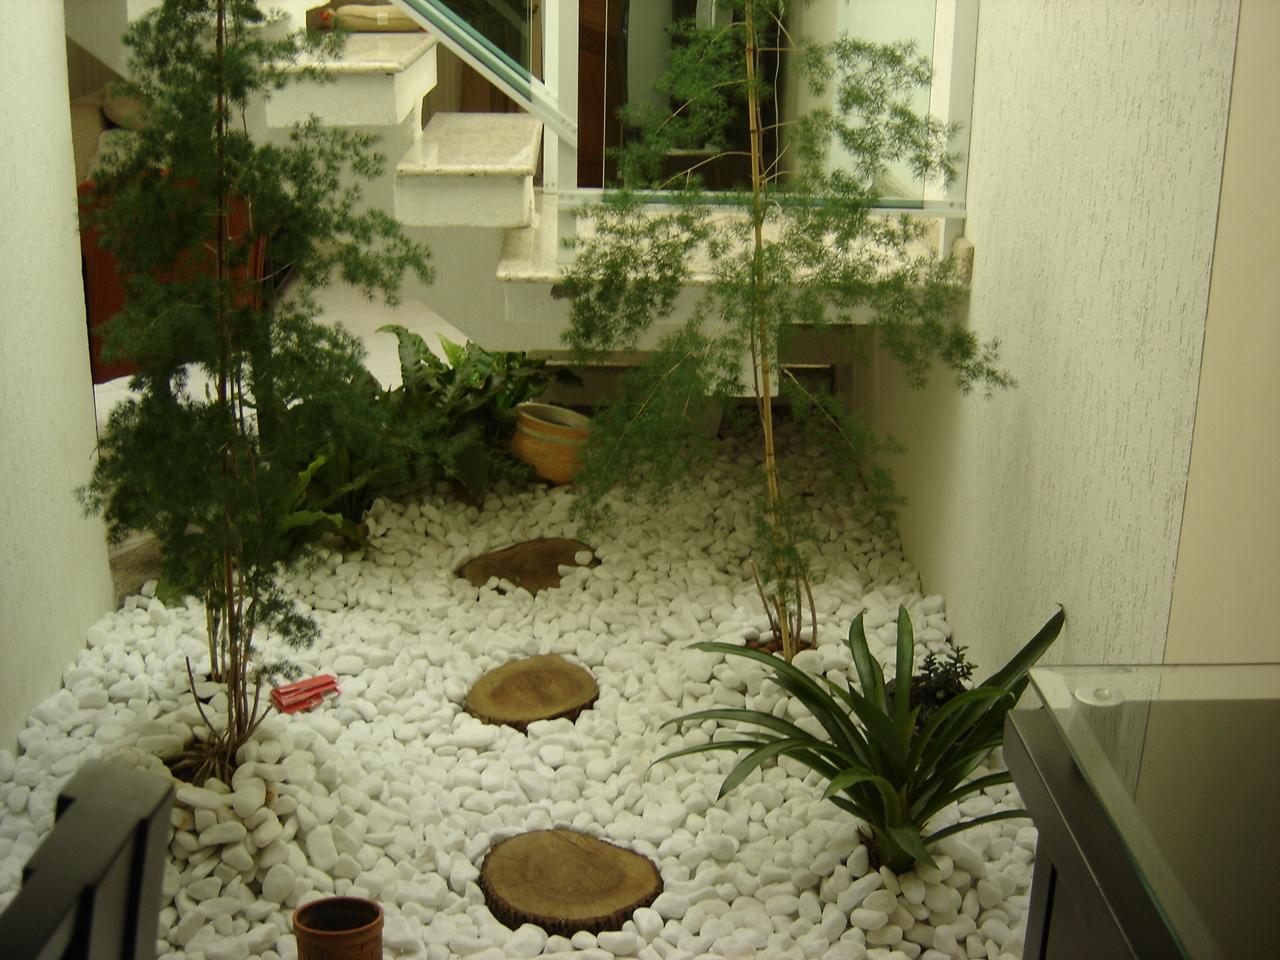 escada vasos de folhagens compões esse pequeno jardim de inverno #5F4D24 1280 960